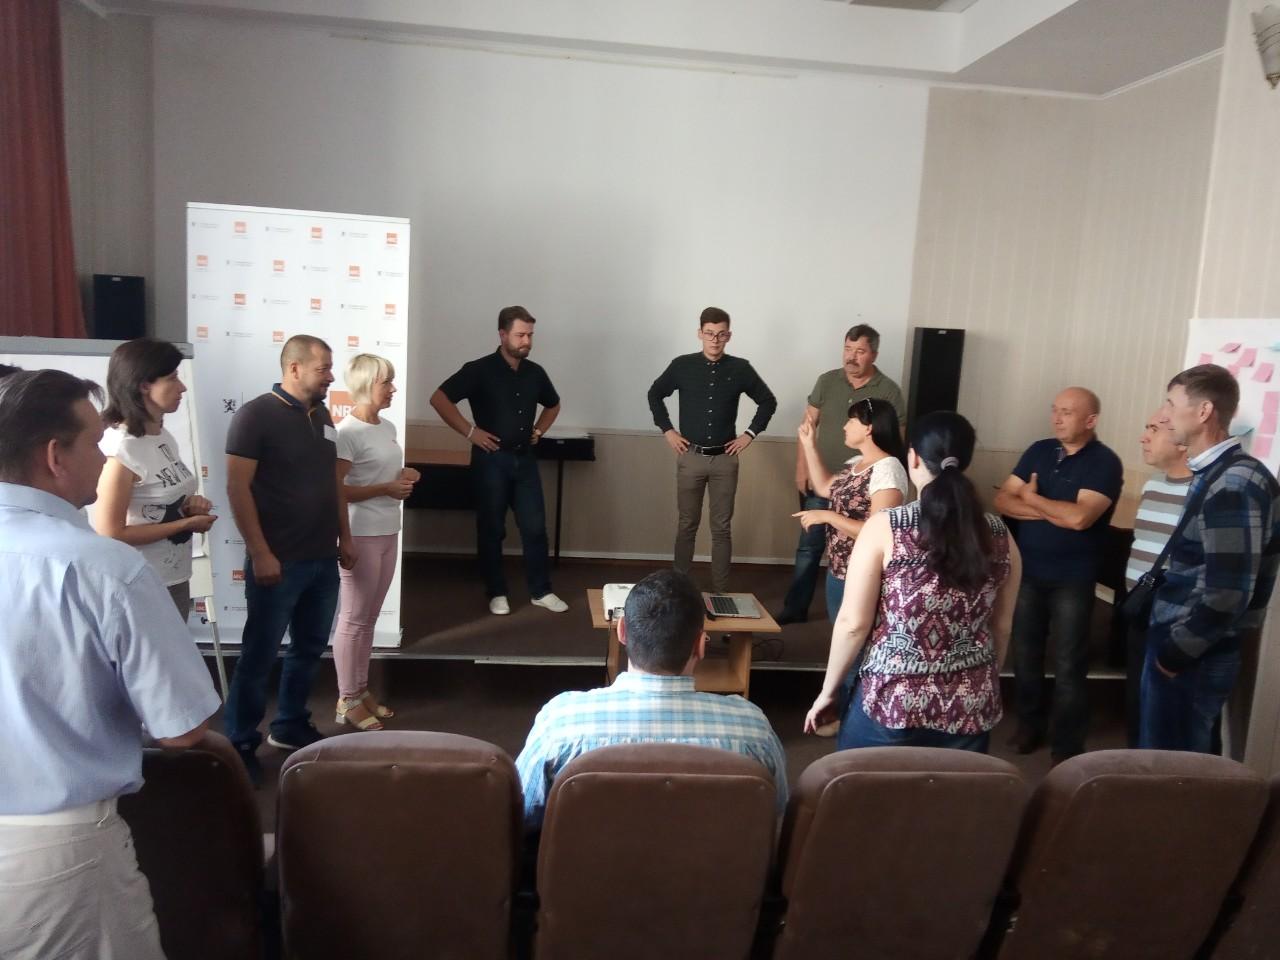 Норвезької ради у справах біженців в Україні організувала тренінг «Управління організацією та проектний менеджмент»